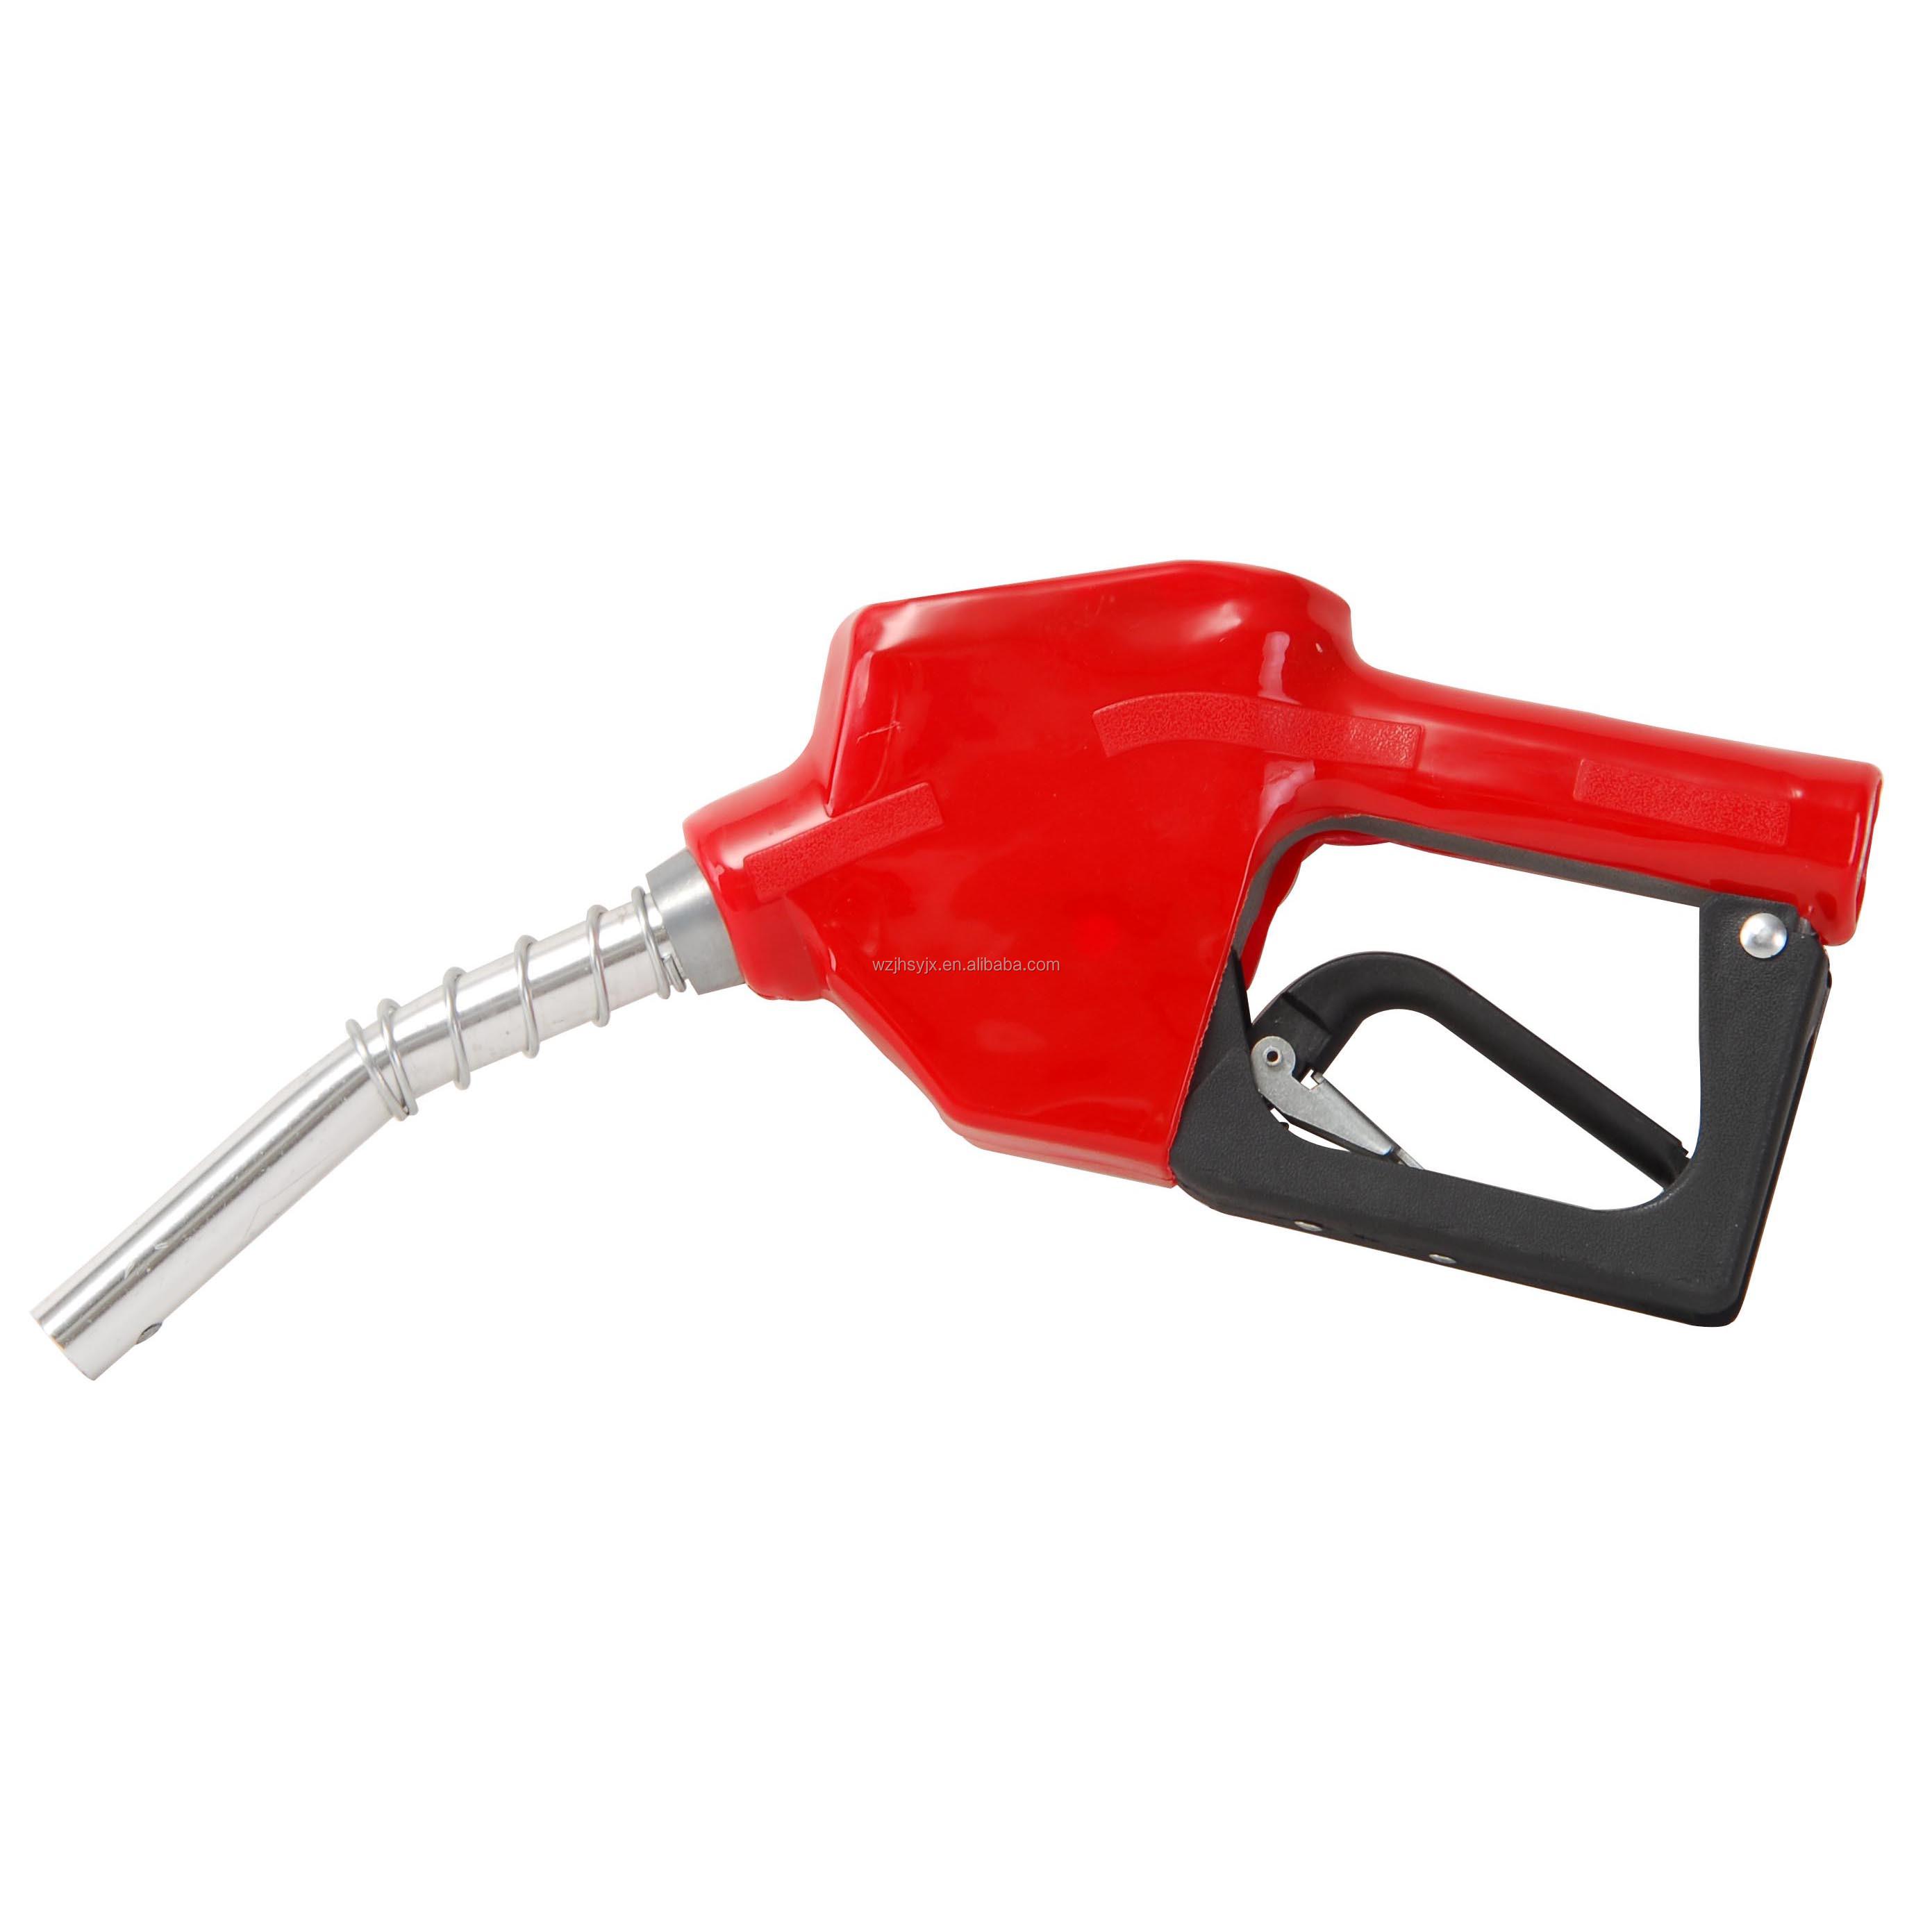 Opw 11a Auto Diesel Fuel Dispenser Nozzle